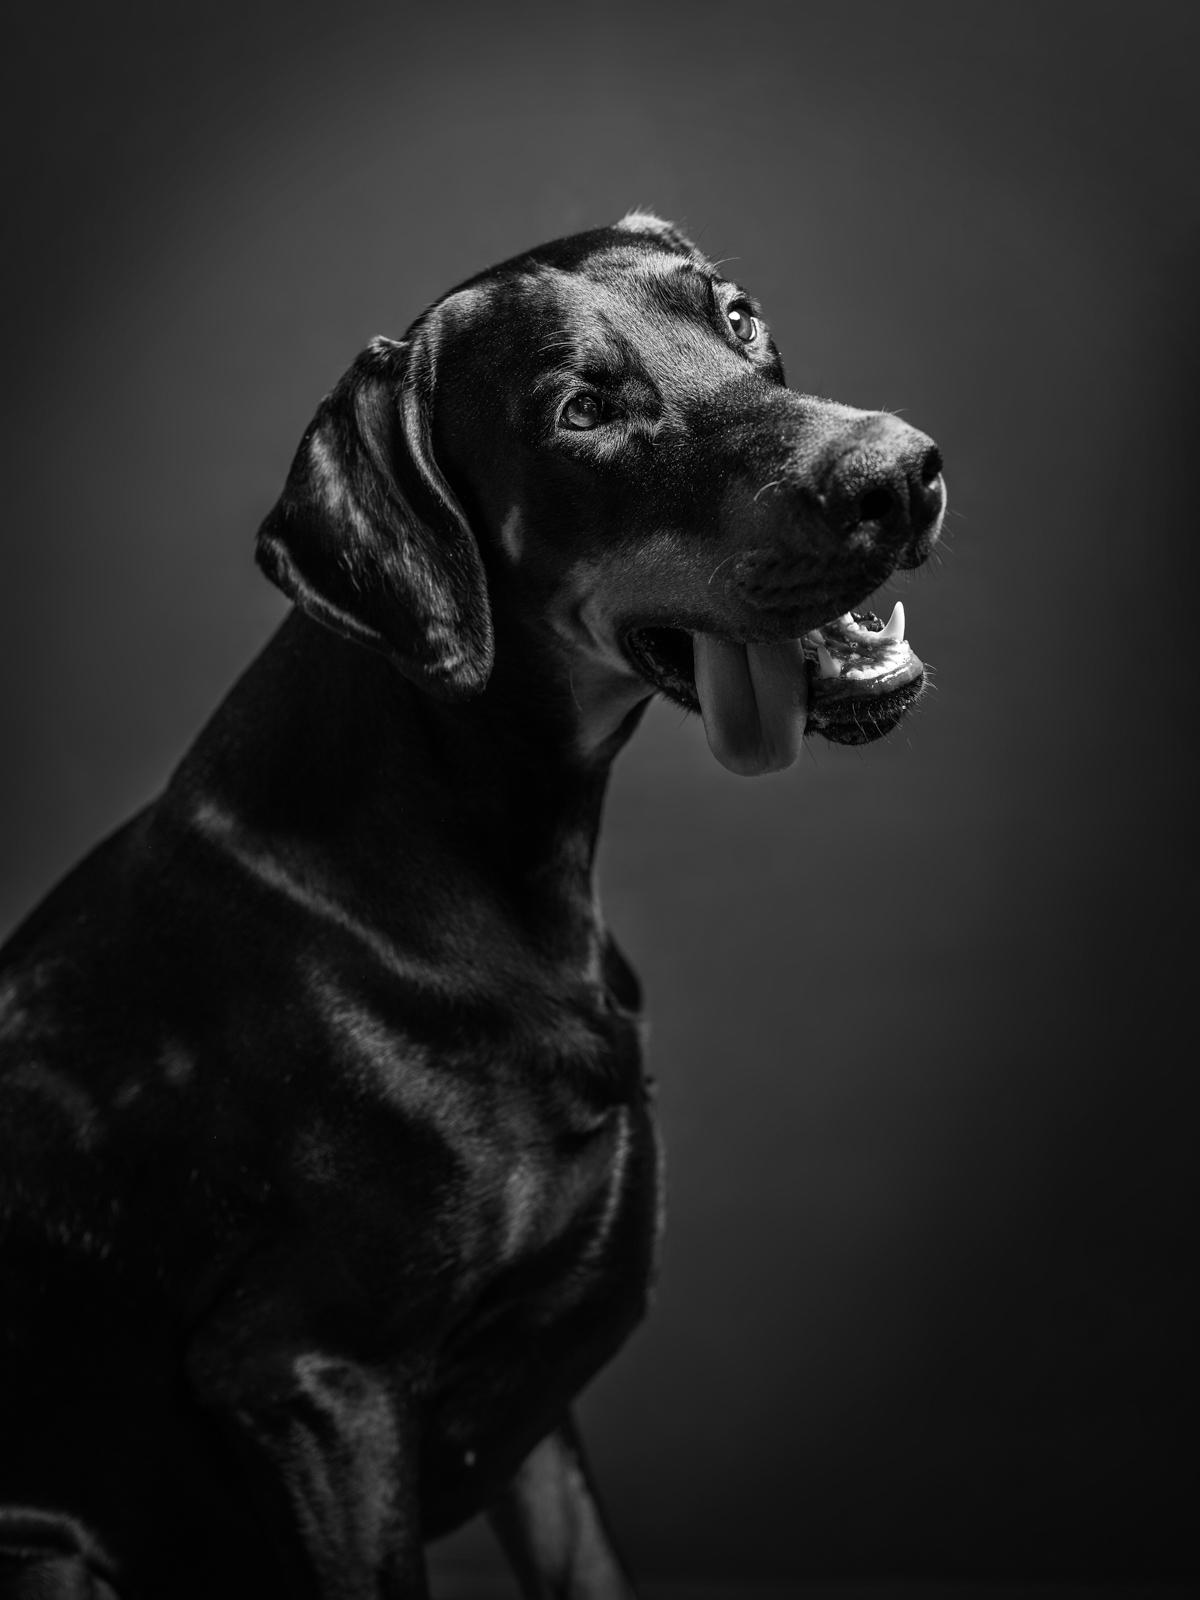 kundfoto utomhus, hundfoto i studio, hundfotograf, terri lindholm, lindholm photography, djurfoto stockholm